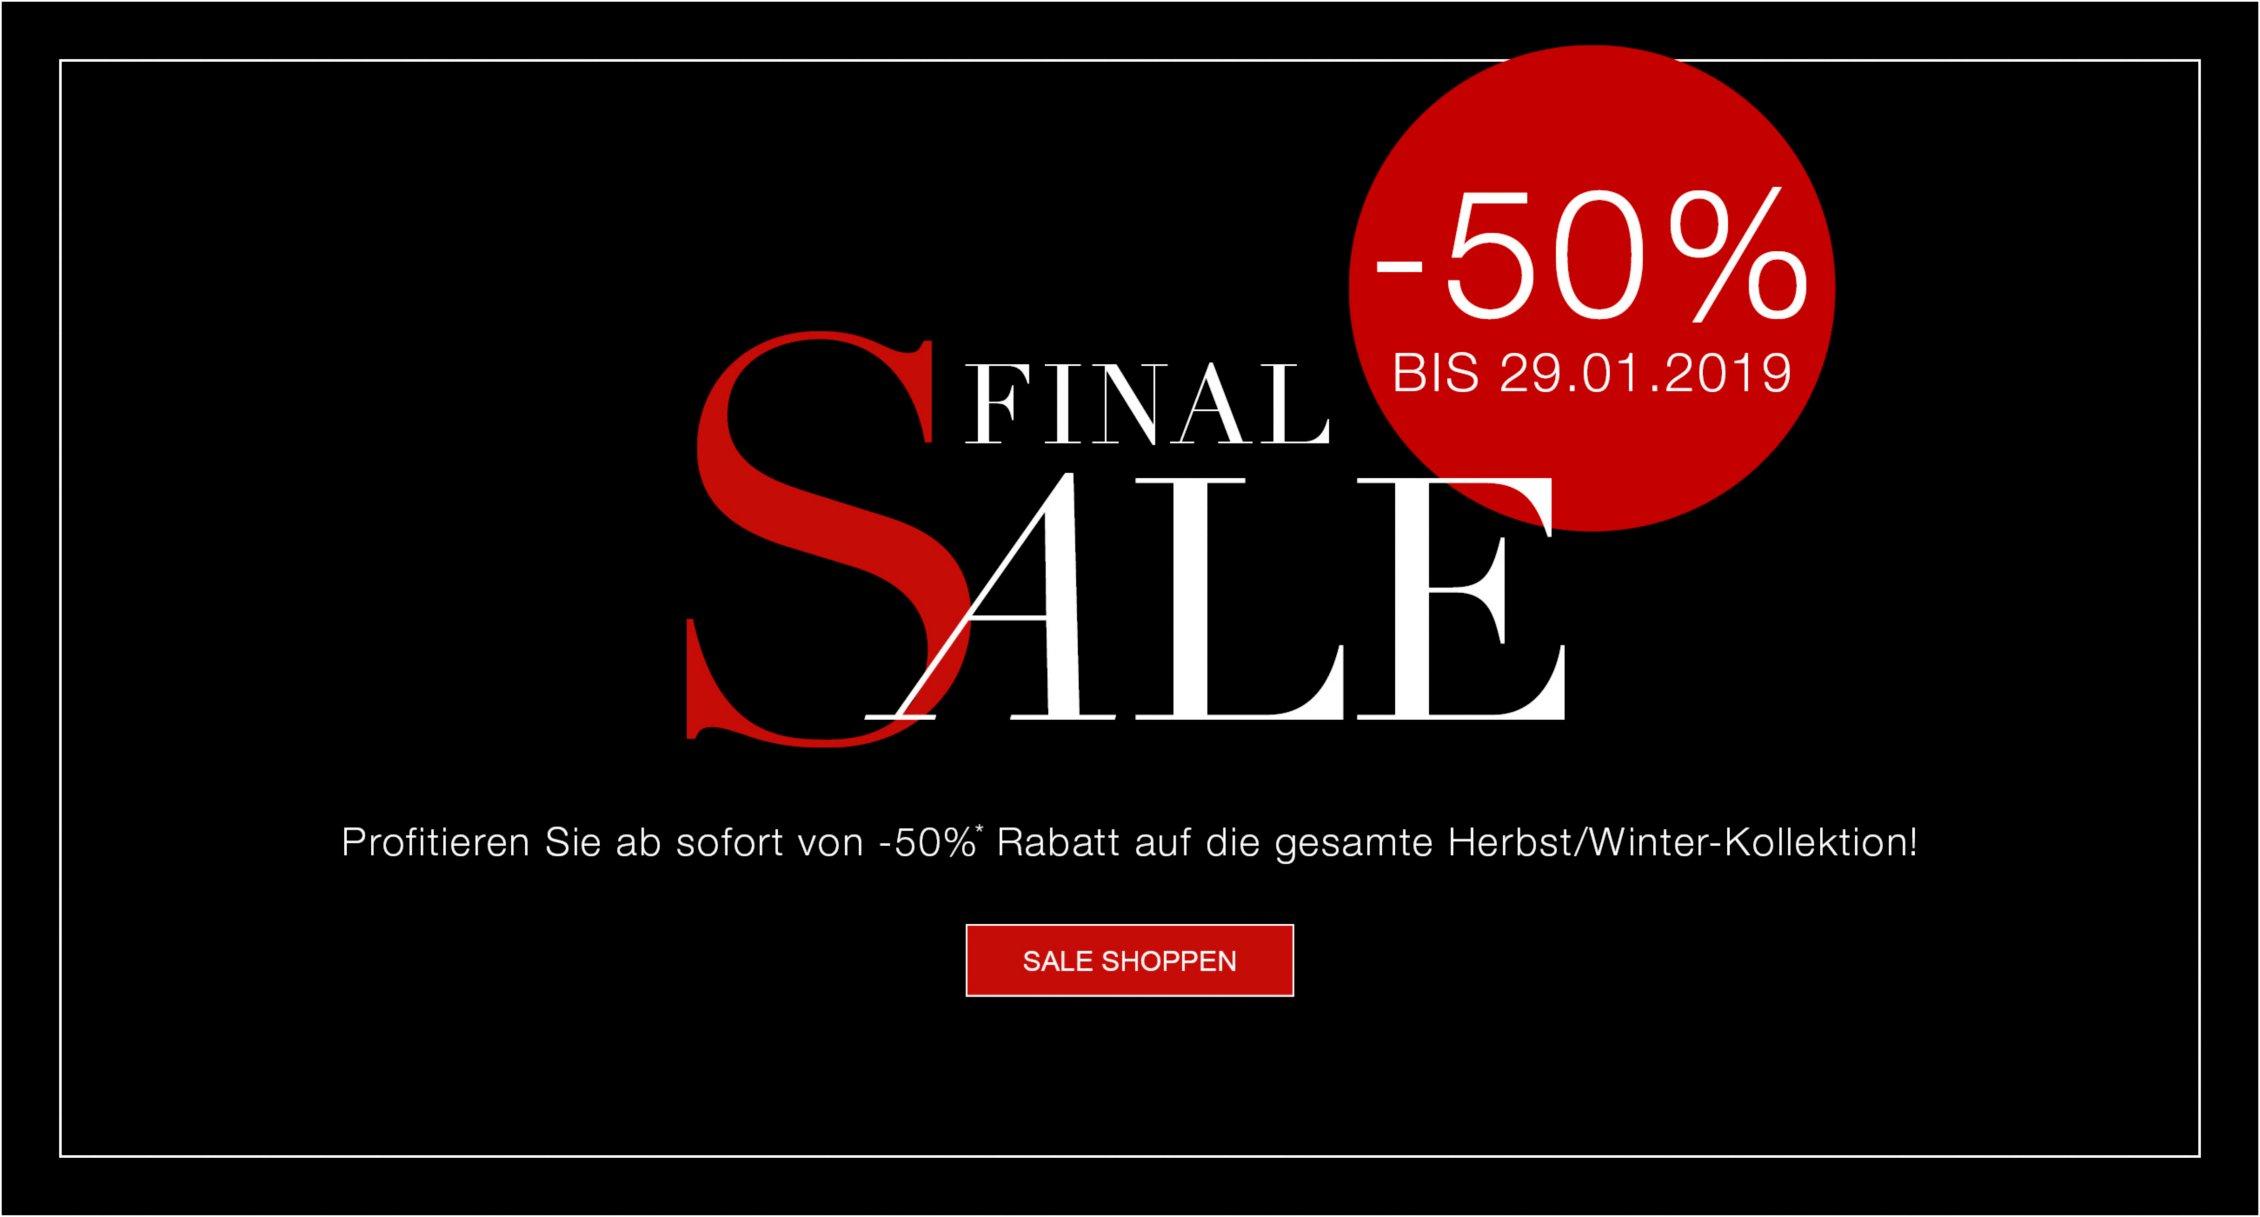 -50% Rabatt auf die gesamte Herbst/Winter-Kollektion